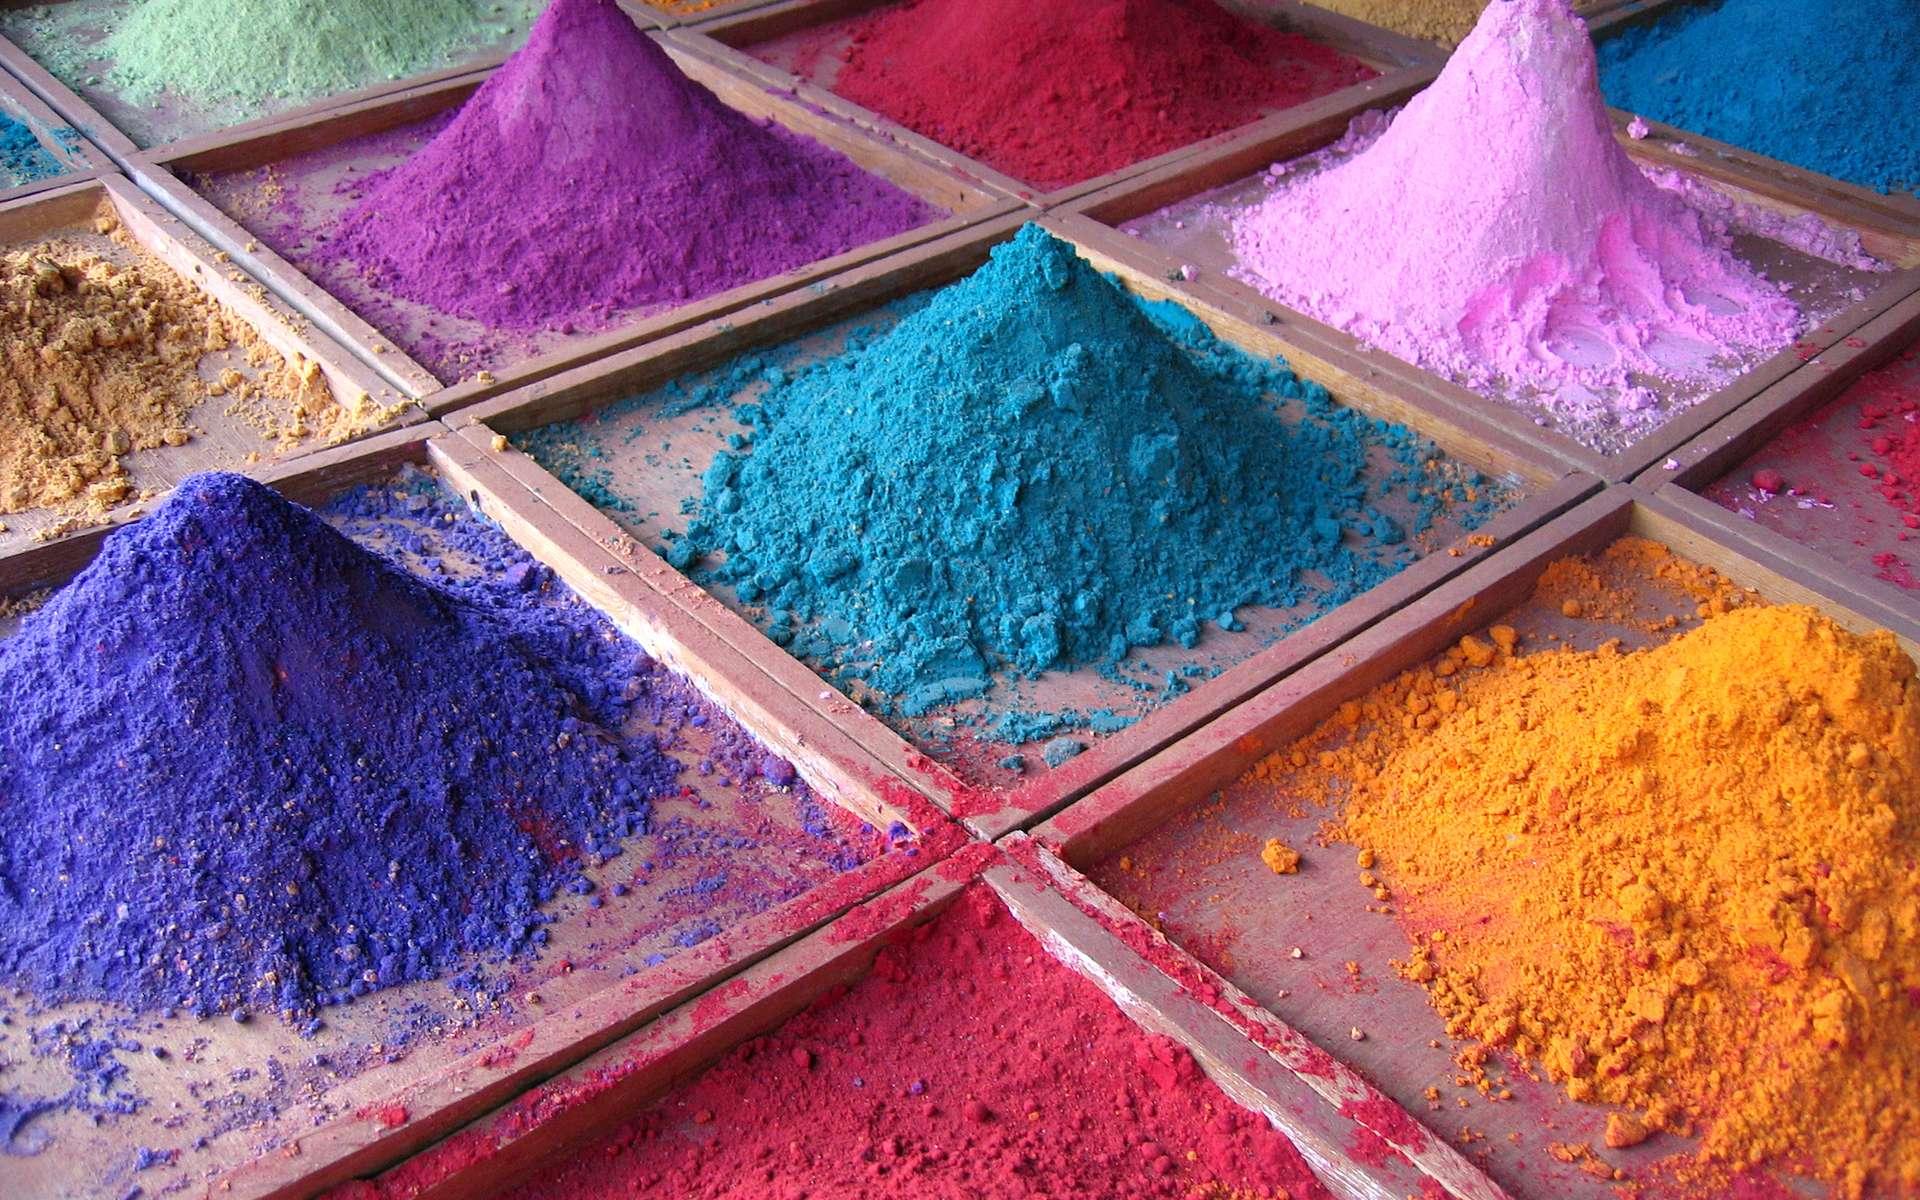 Un pigment est une substance colorée qui, à l'état artificiel, se présente souvent sous la forme de poudres. © Duncan Hull, Flickr, CC by 2.0